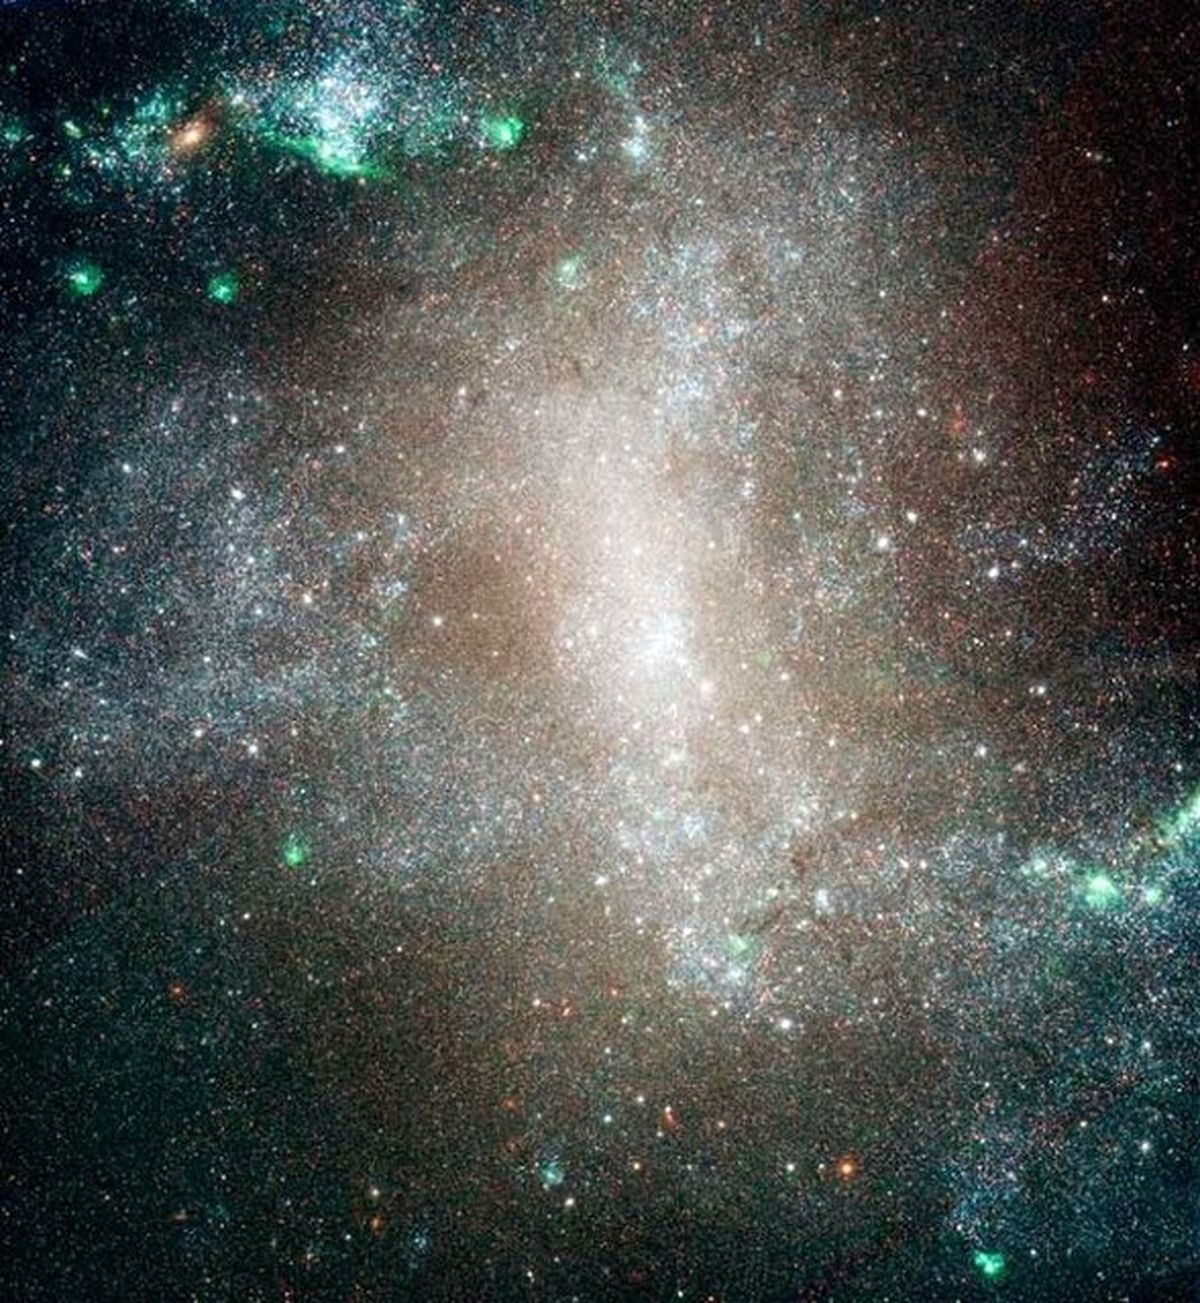 تصویر باشکوه یک کهکشان مارپیچی